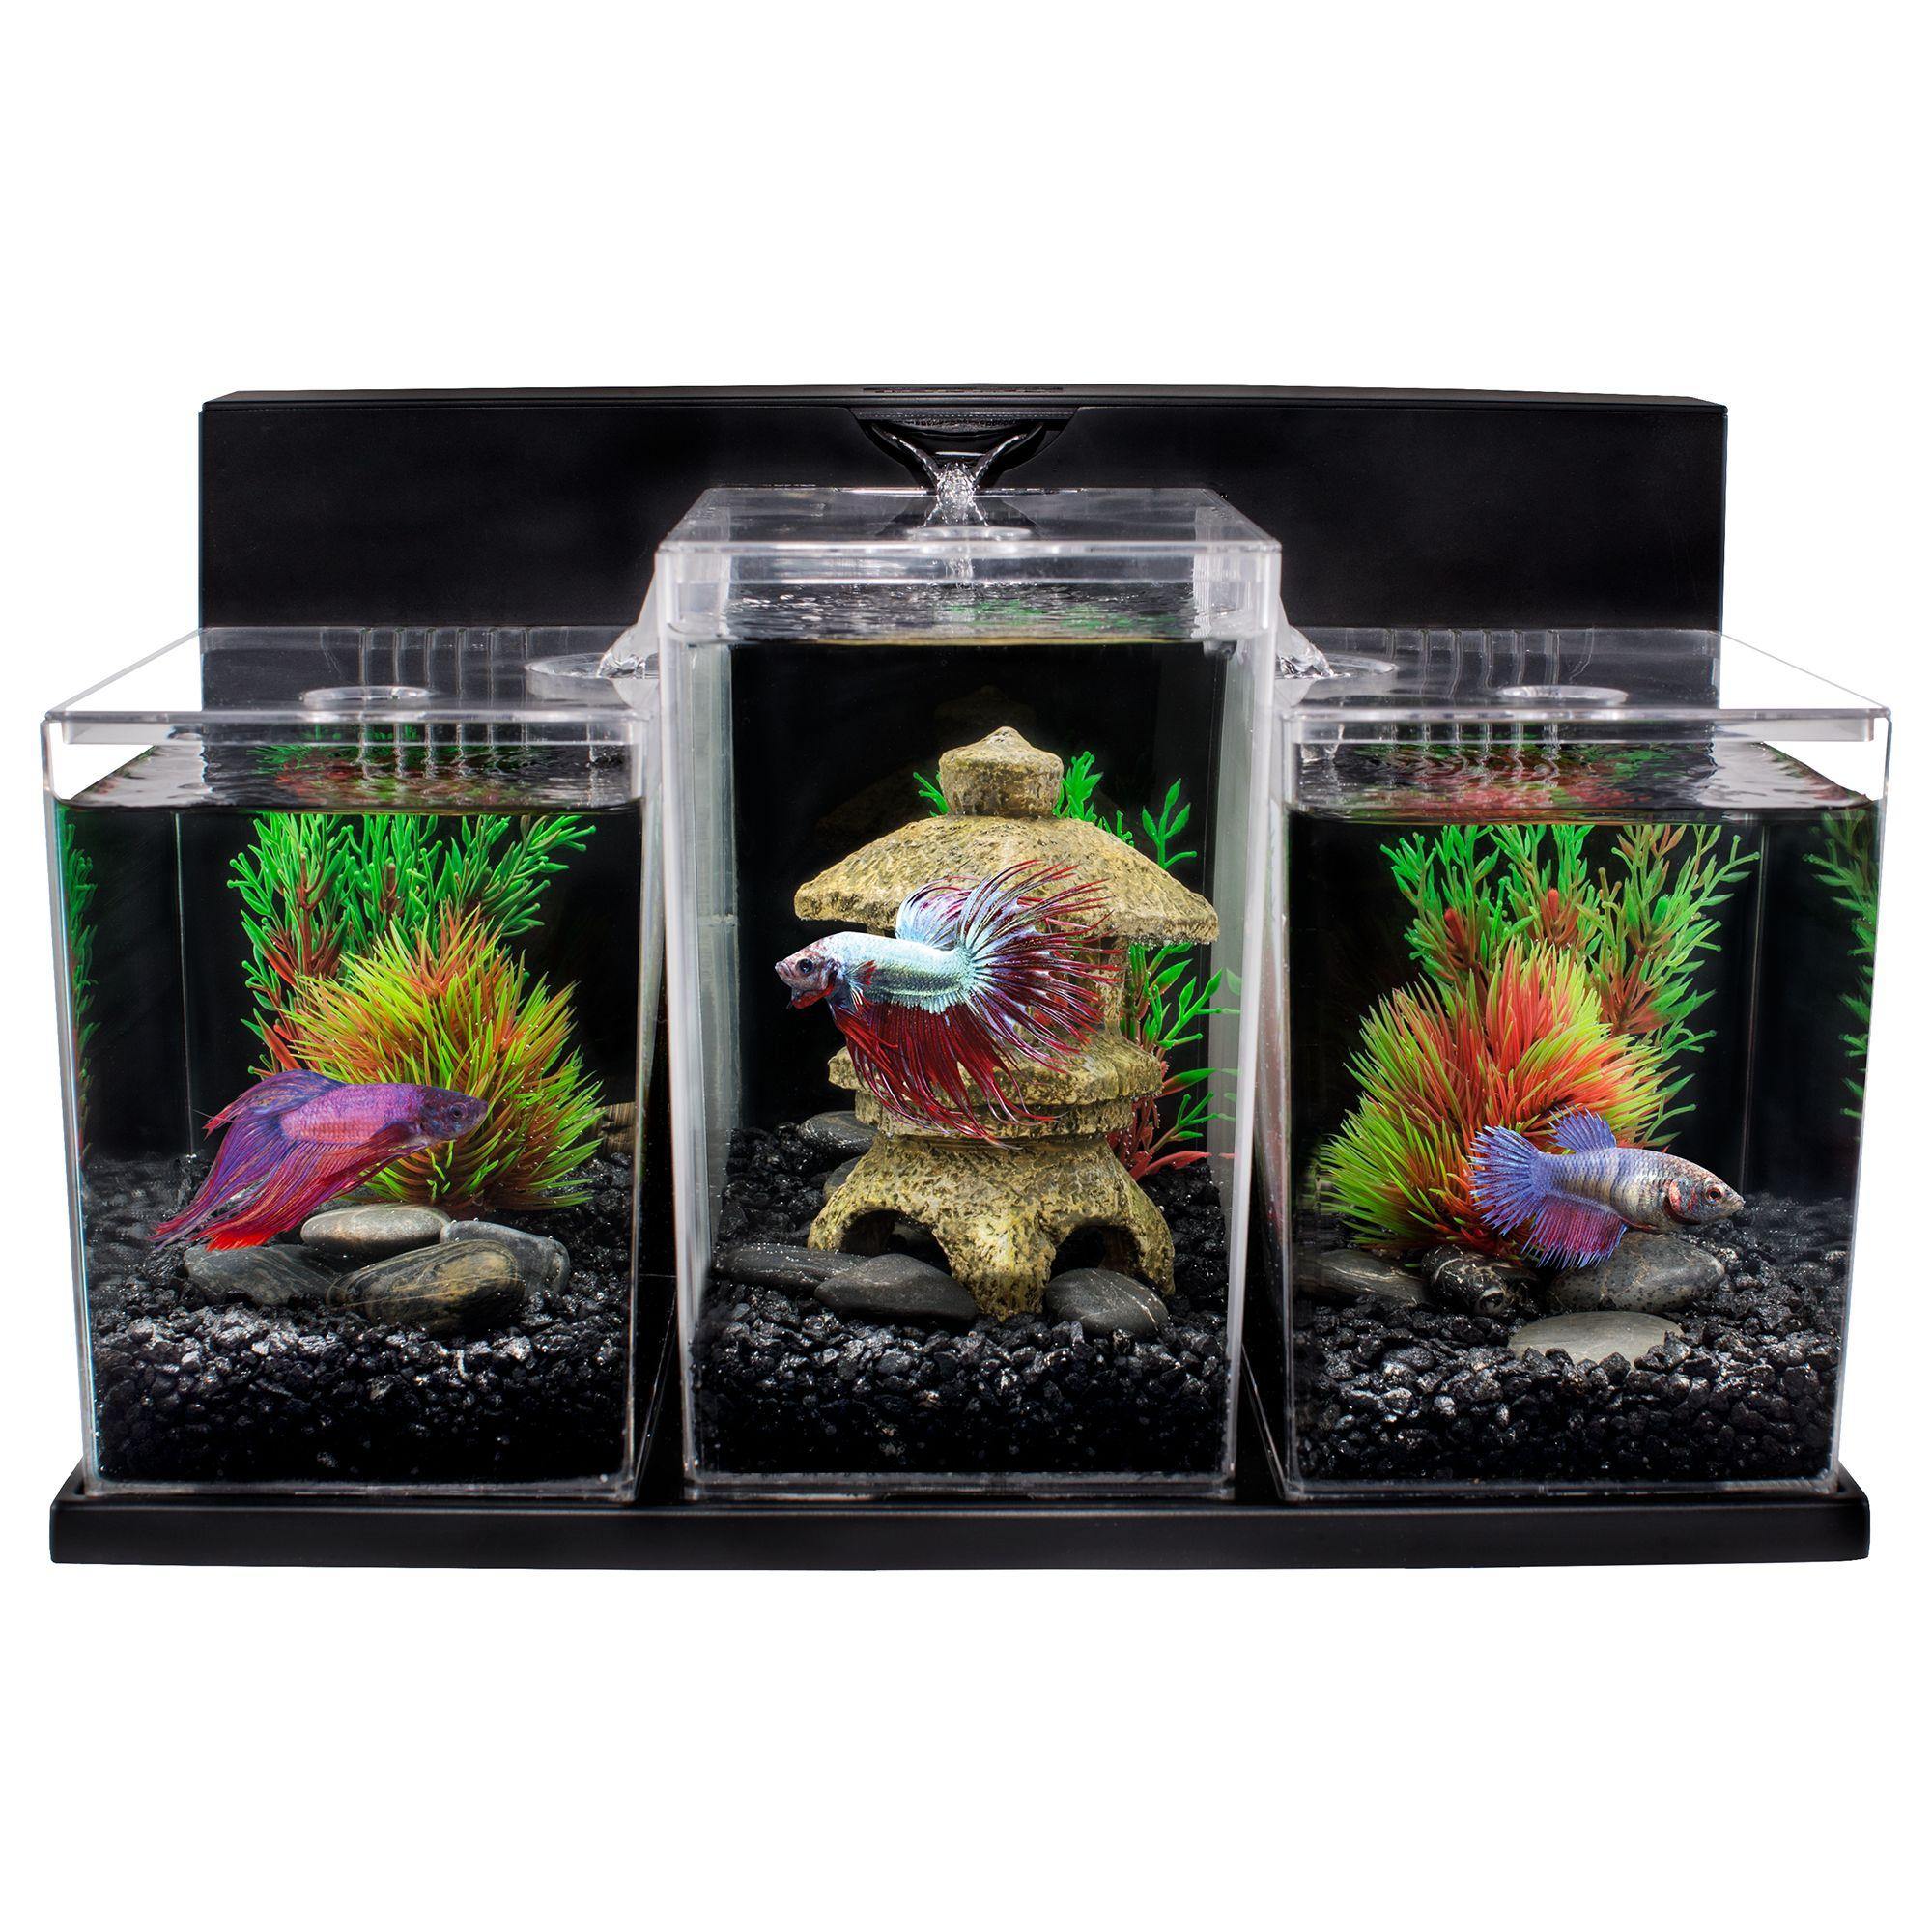 Top Fin Bettaflo Betta Aquarium Fish Aquariums Petsmart